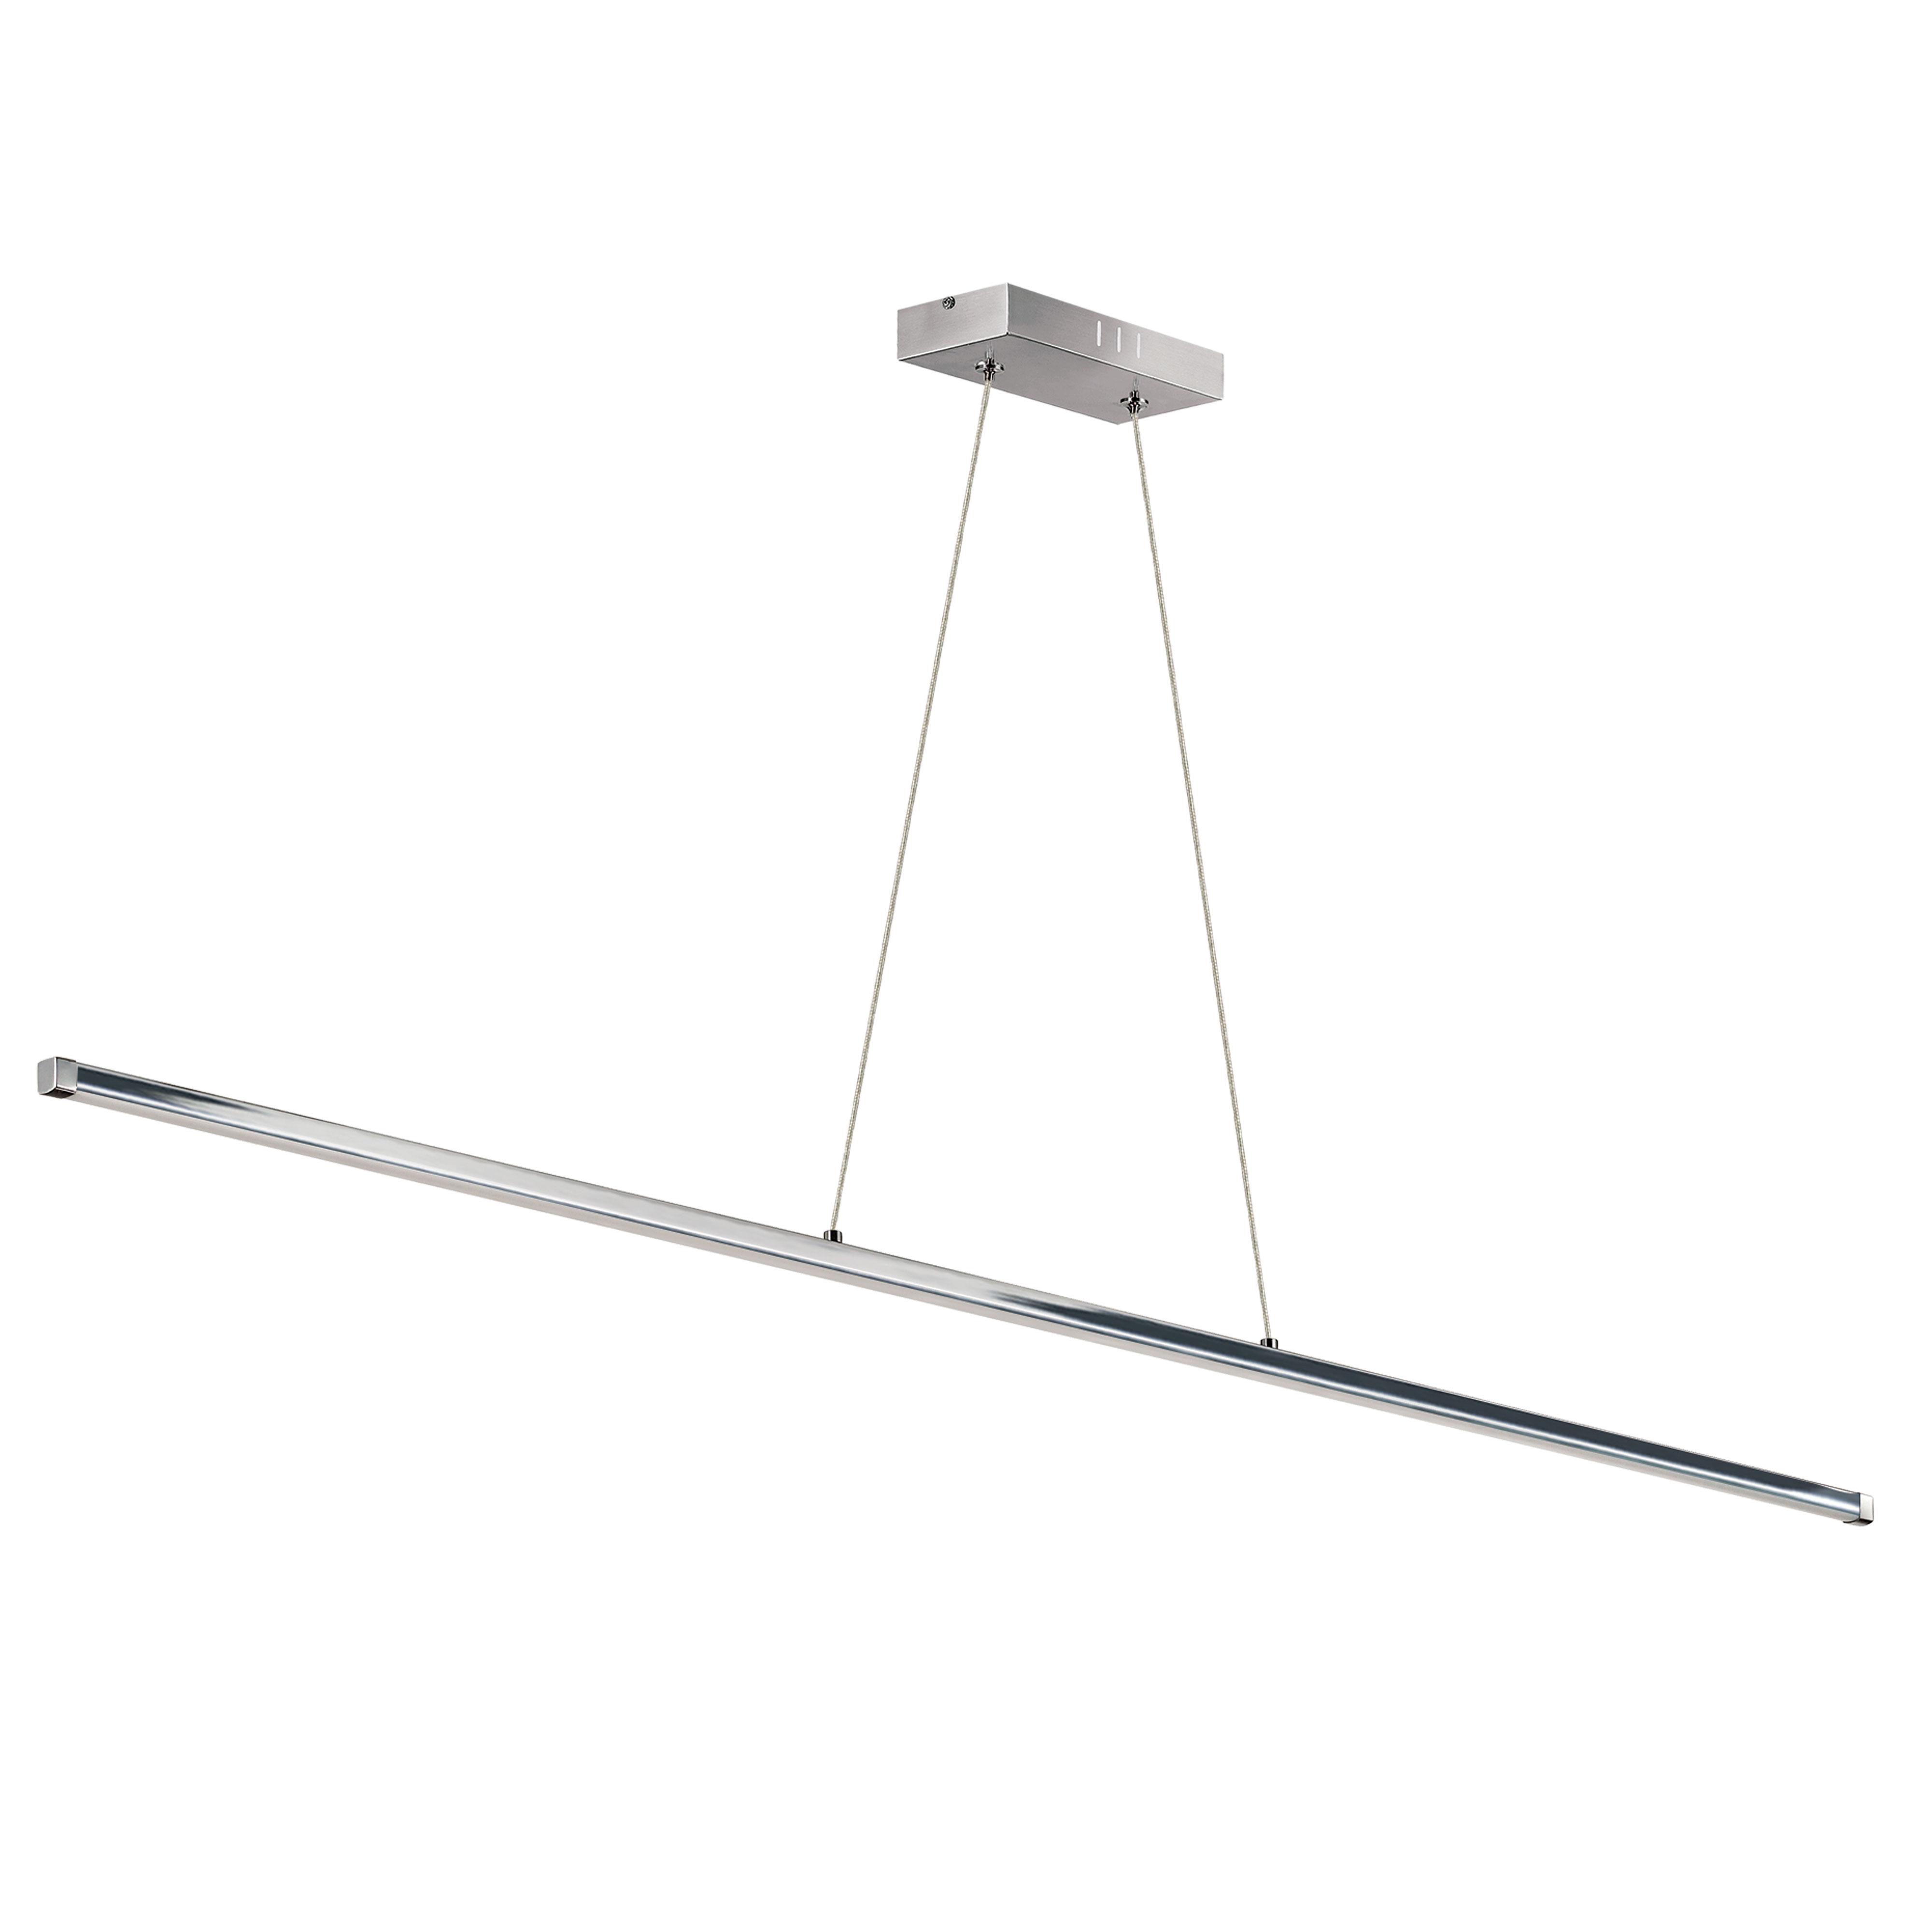 30W LED Horizontal Pendant, Polished Chrome with White Acrylic Diffuser